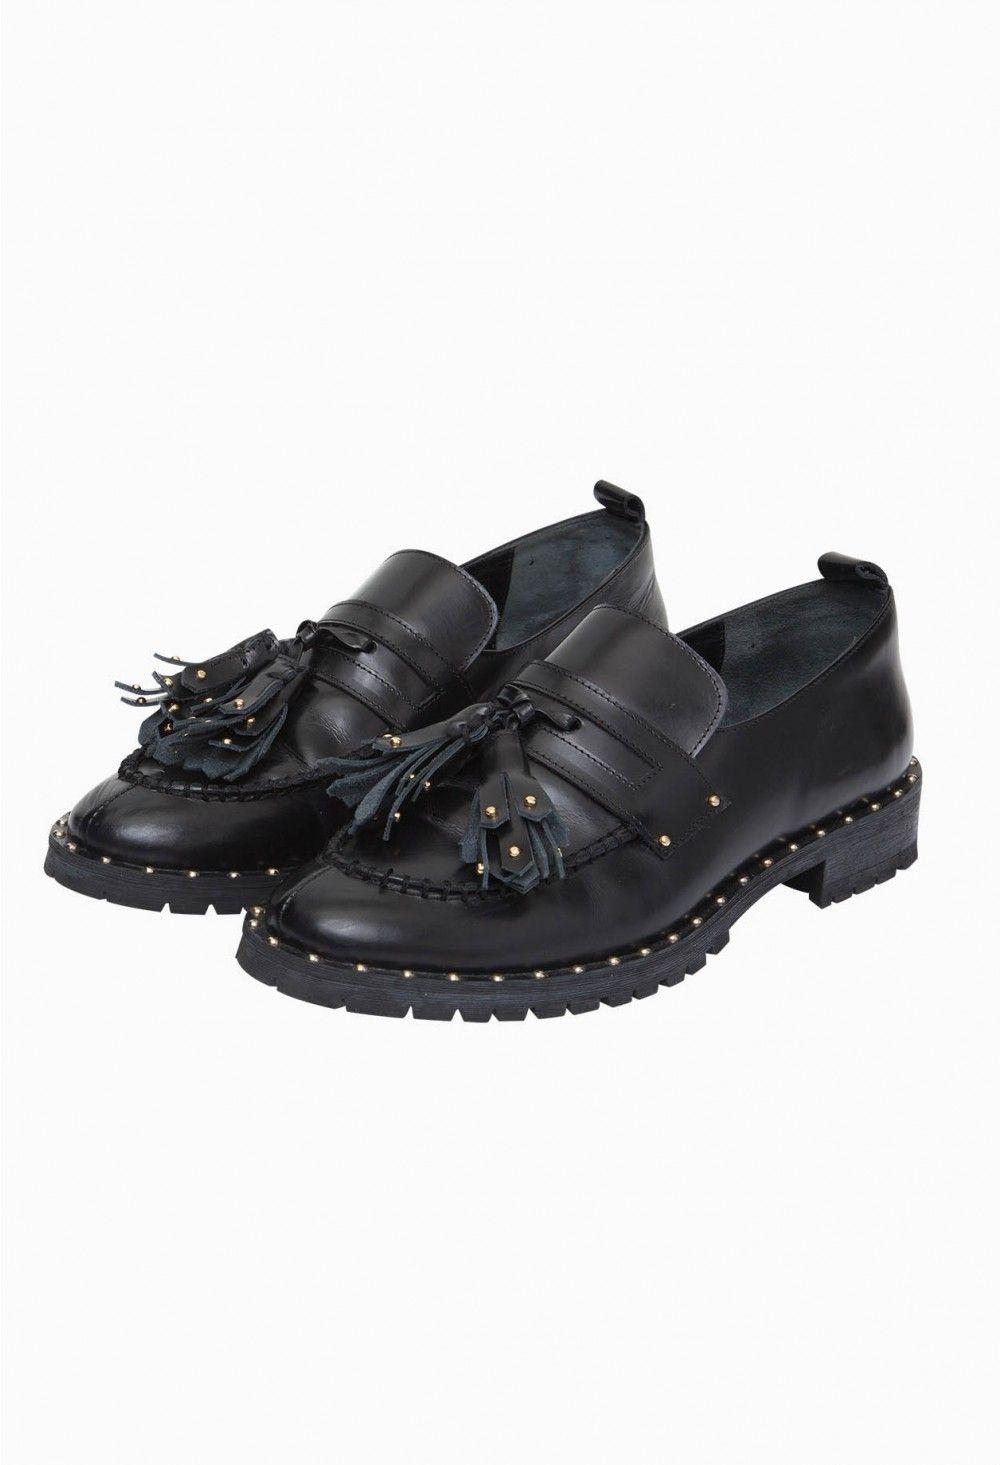 Mocassins Mes Chaussures Aveux Femme Claudie Pierlot Noir 6q60vr